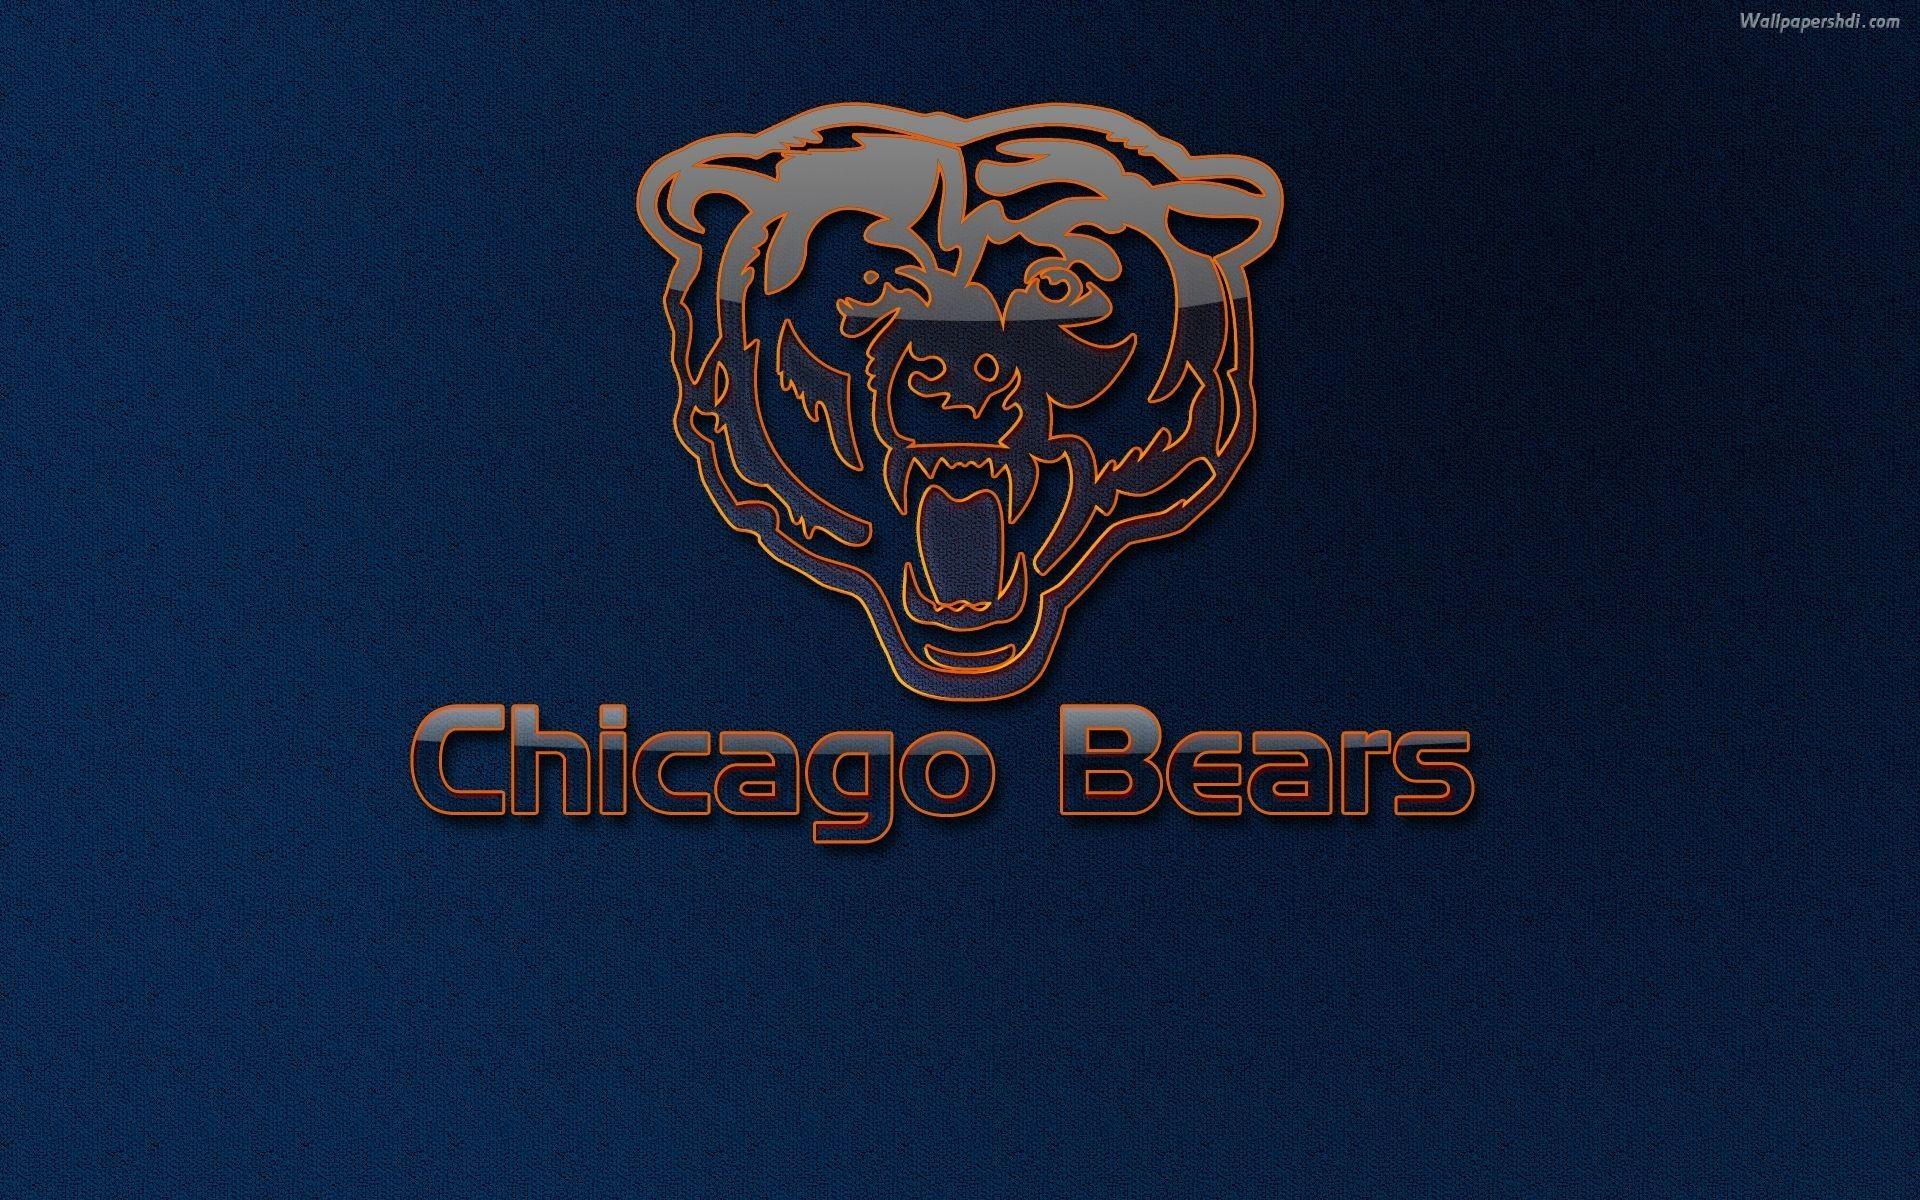 CHICAGO BEARS nfl football kf wallpaper